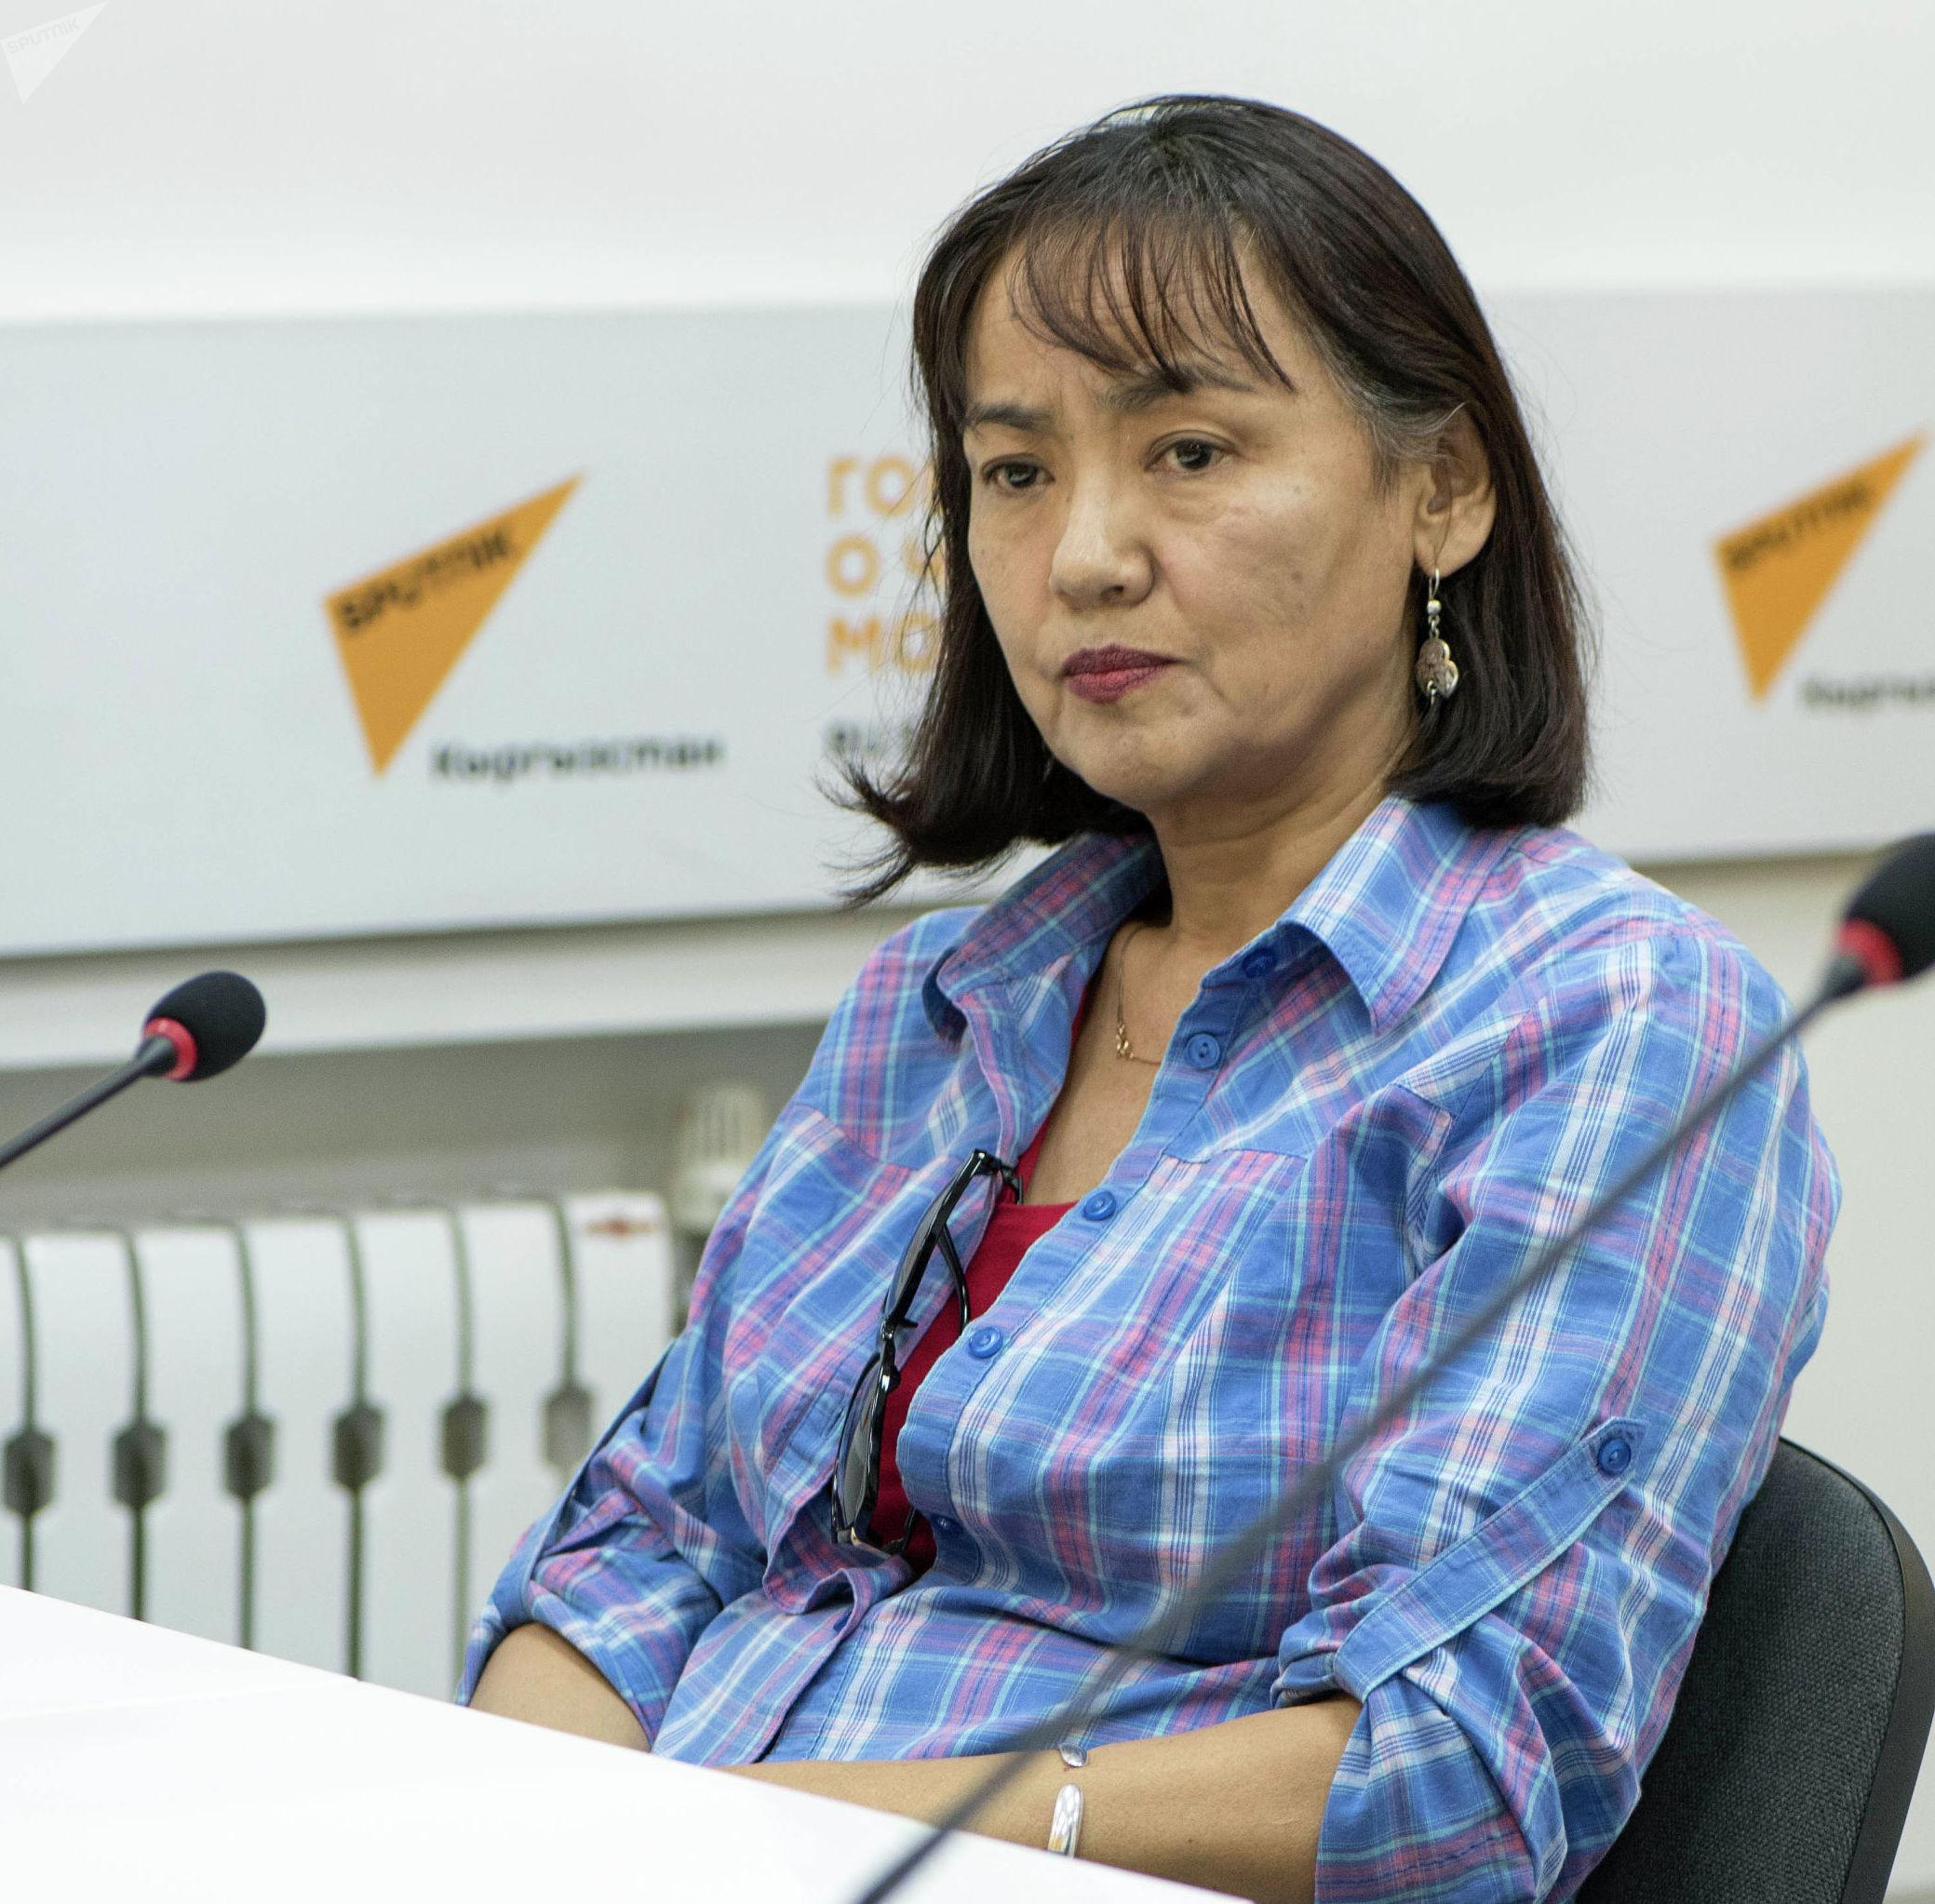 Общественный активист, глава общественного фонда Наше право Калича Умуралиева во время круглого стола